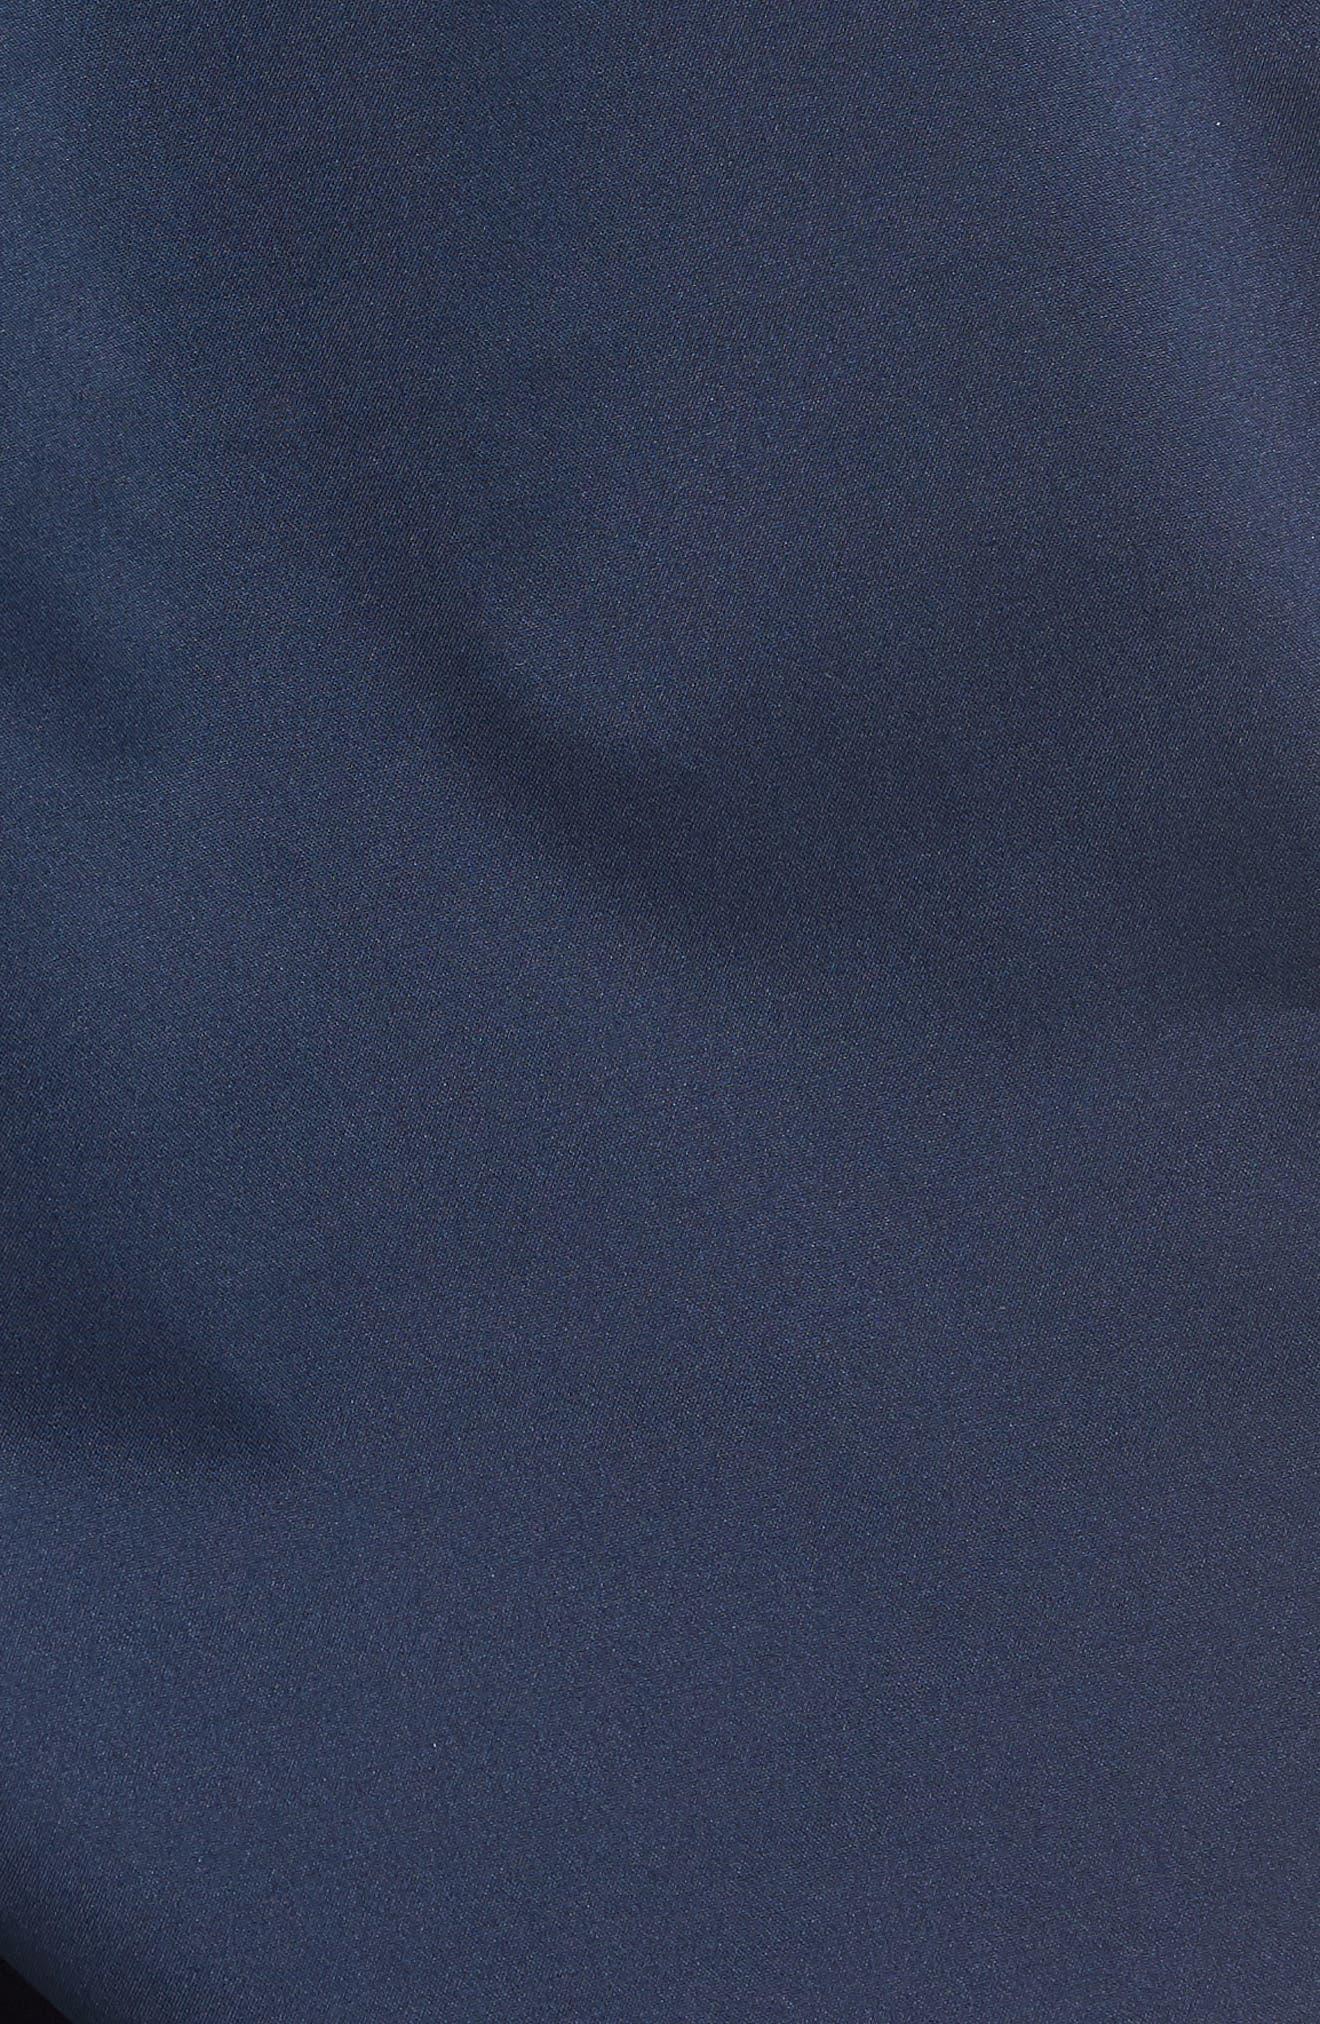 E-Waist 9-Inch Swim Trunks,                             Alternate thumbnail 5, color,                             400